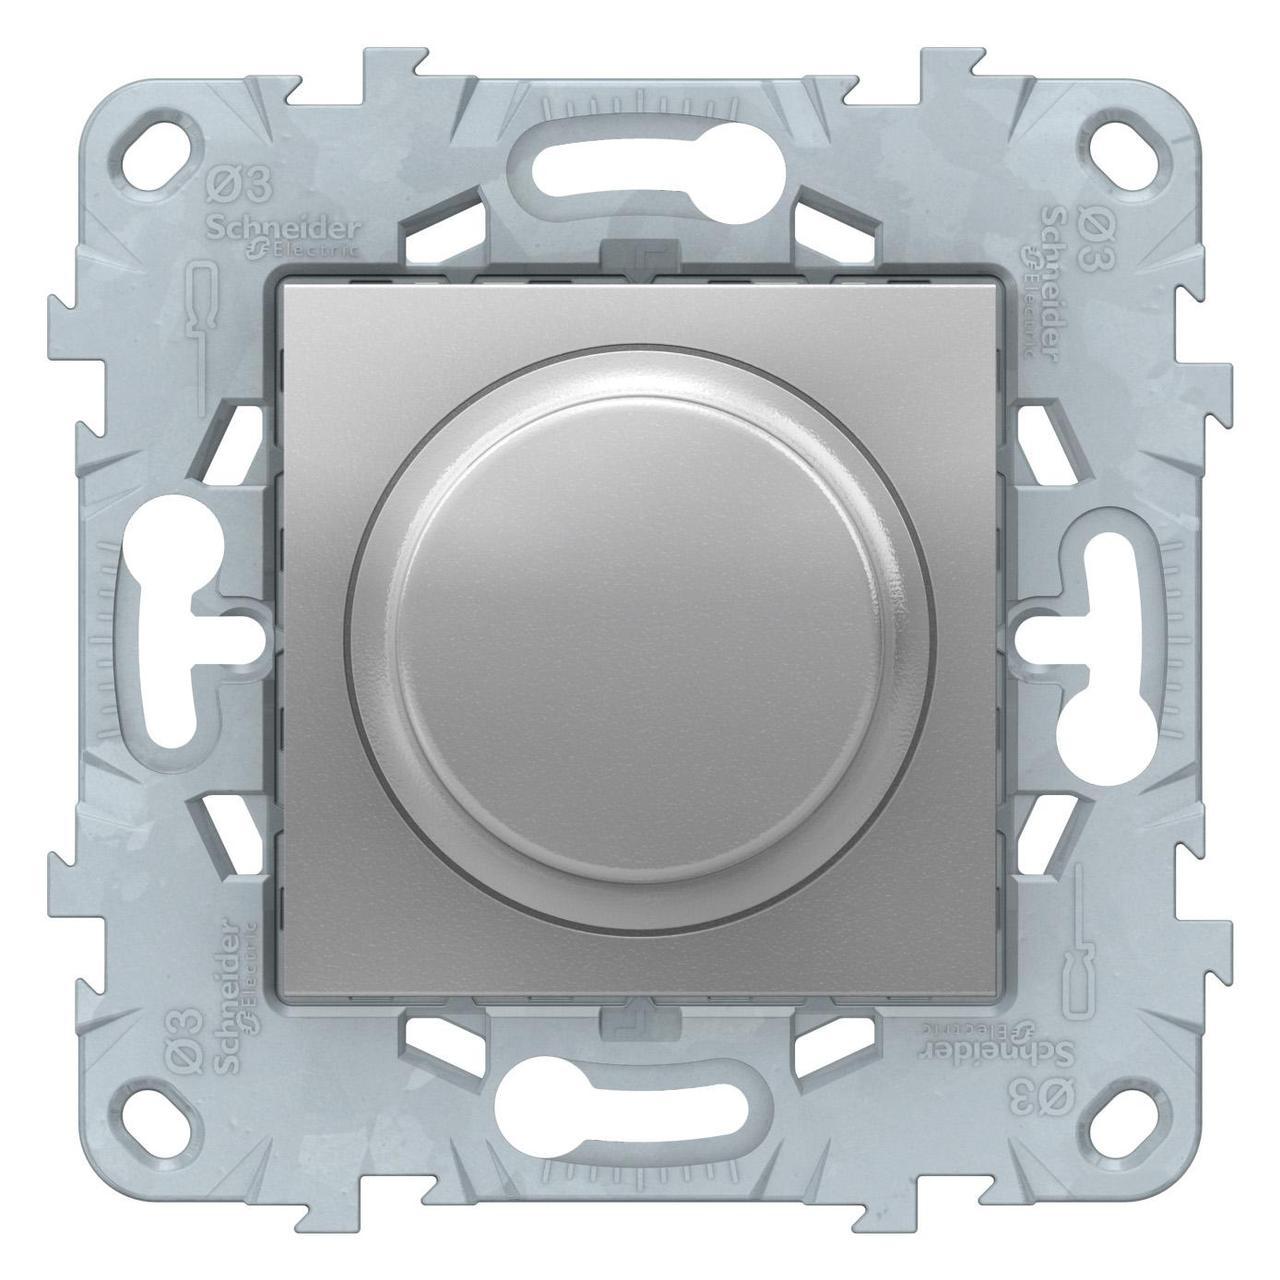 Диммер поворотно-нажимной , 200Вт LED универсальны , Алюминий, серия Unica New, Schneider Electric